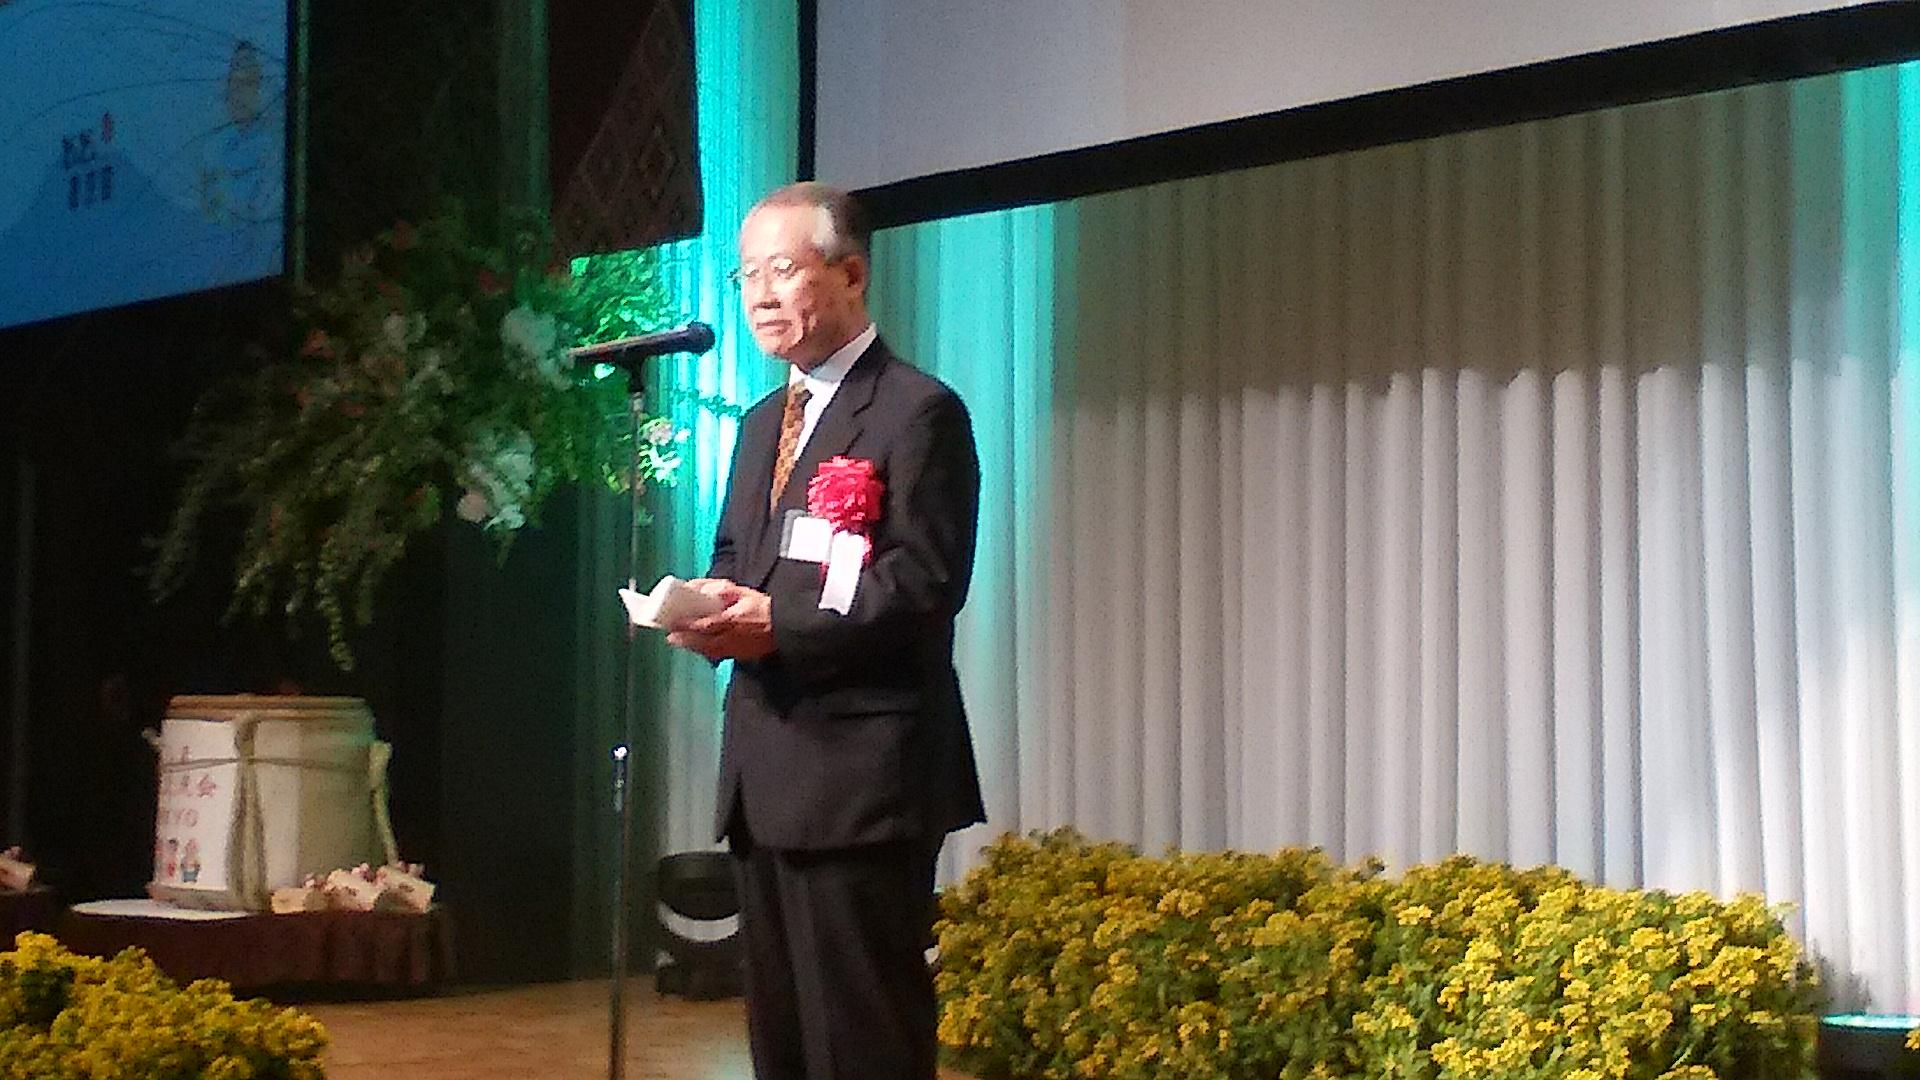 上田良一NHK会長は鹿児島市のラサール中高出身とかで、西郷どんの製作に全面協力の三反園知事に謝意を述べていた。